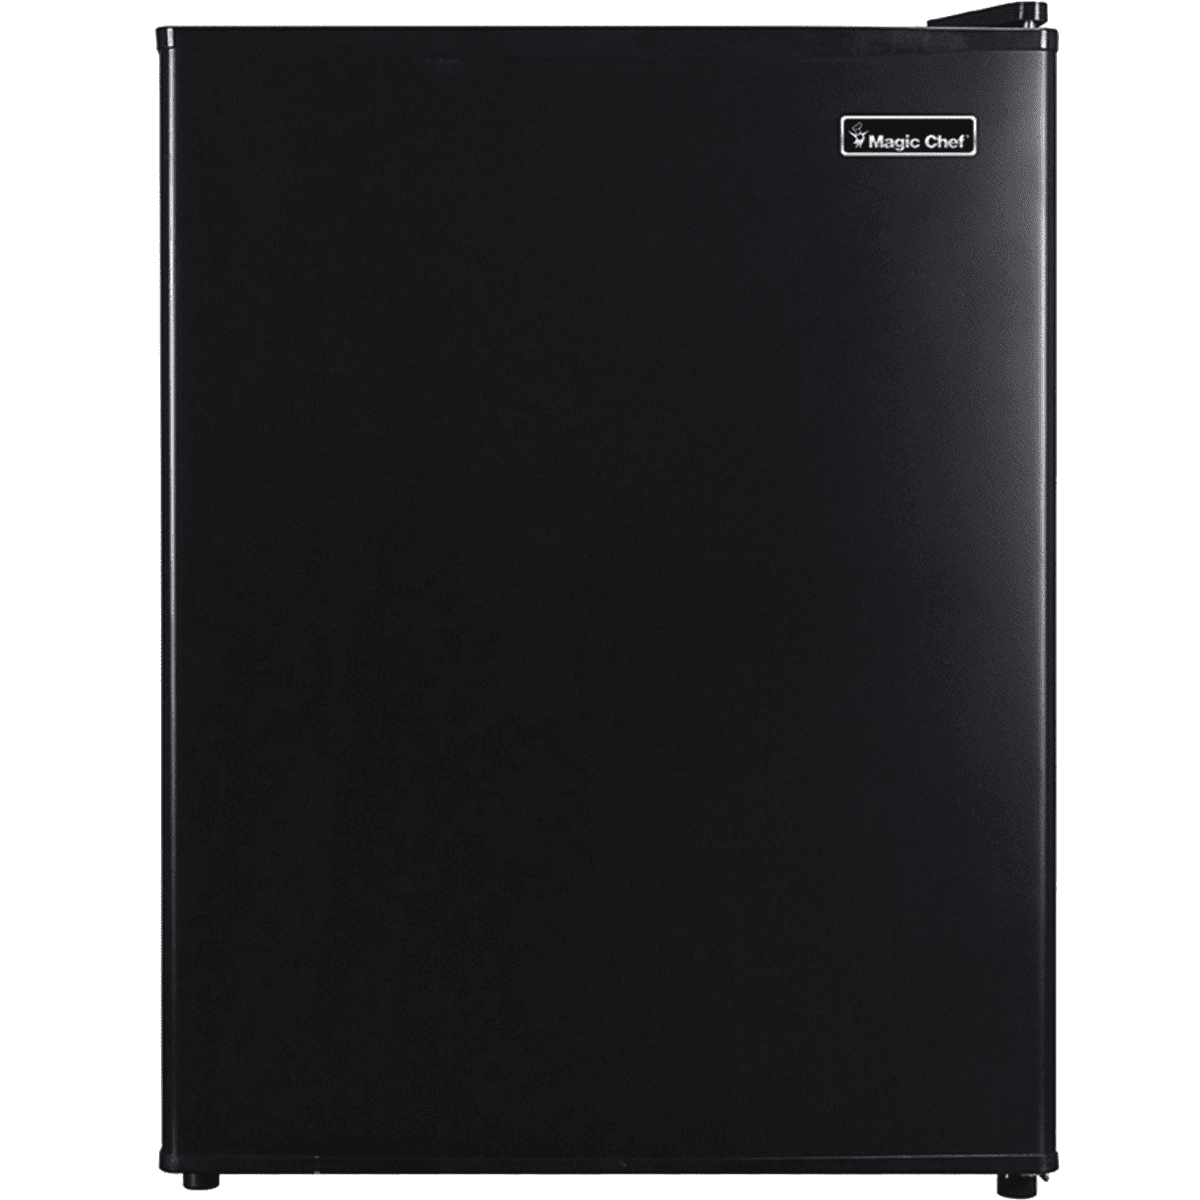 Image of Magic Chef 2.4 Cu. Ft. Mini Refrigerator